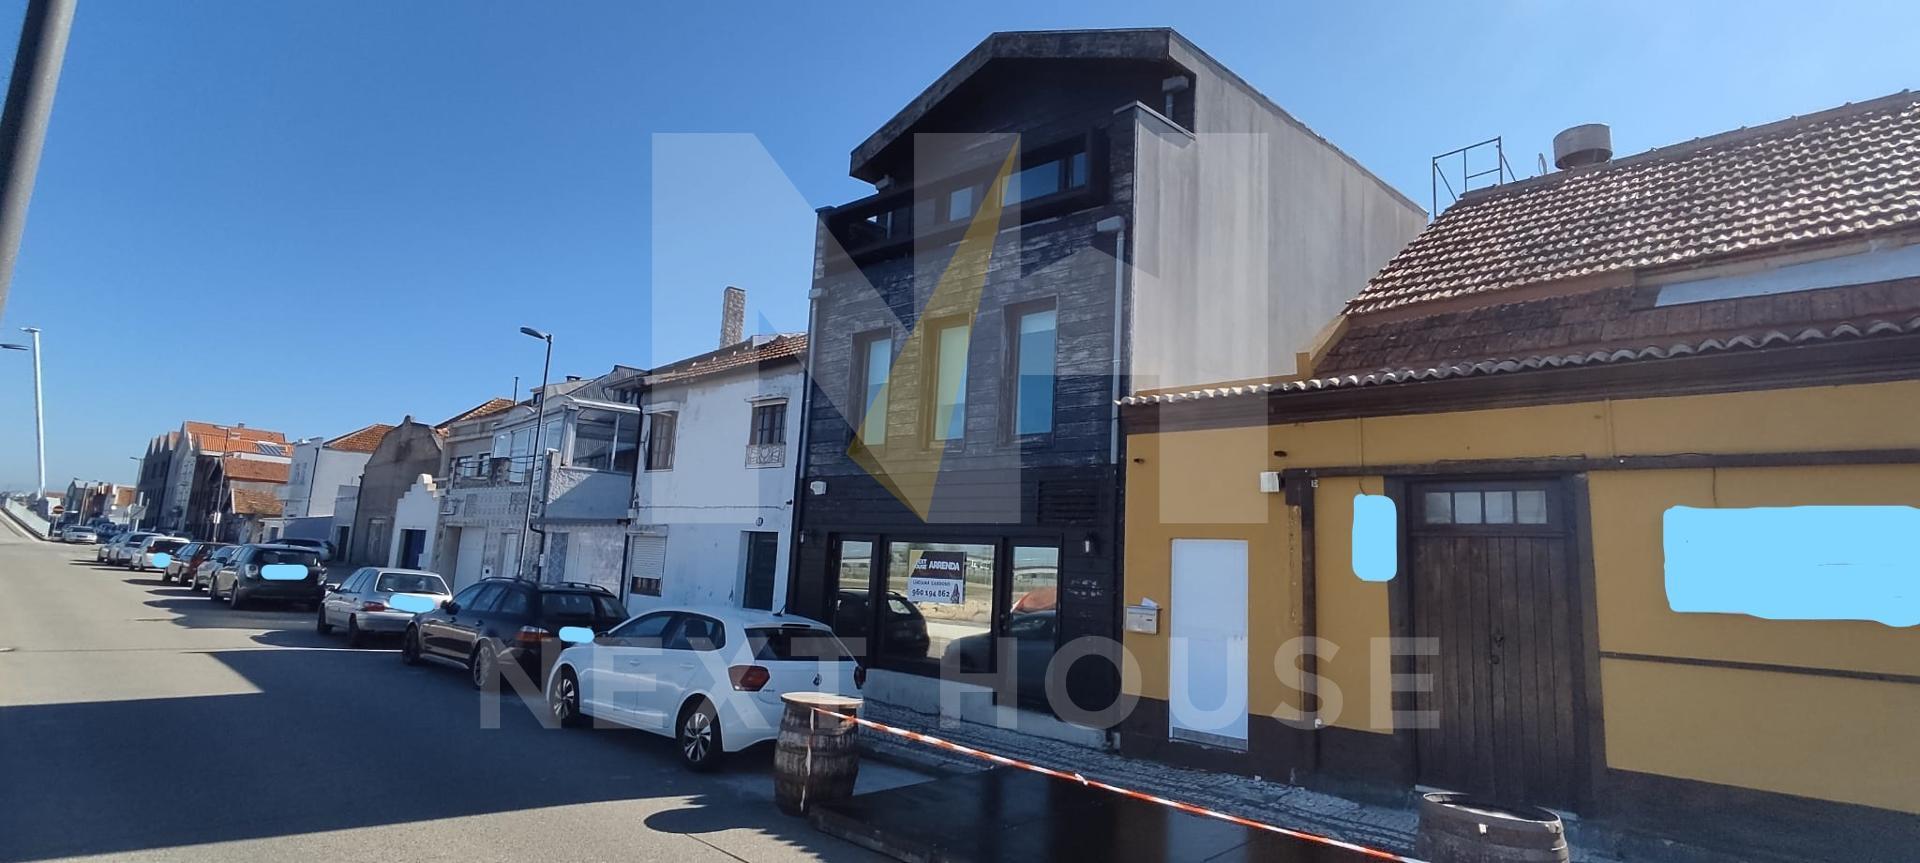 Snack Bar_arrendar_Beira Mar  - Aveiro, UDF De Glória E Vera Cruz